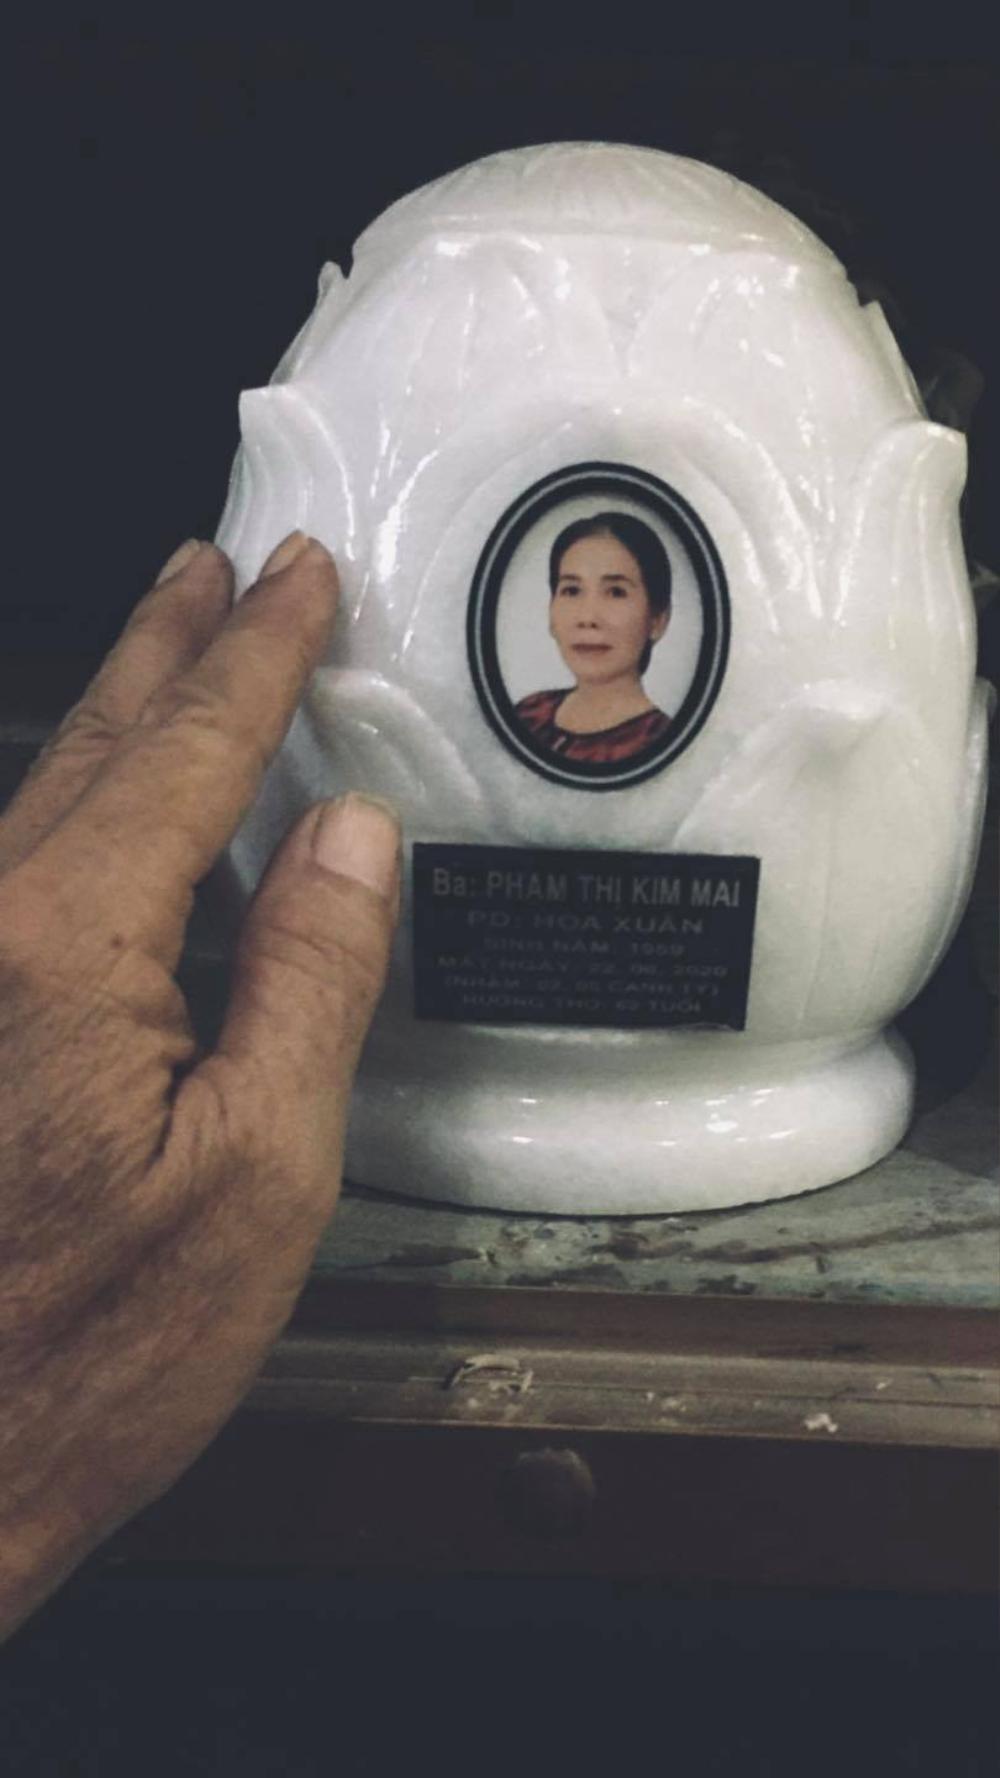 Kim Hiền nghẹn ngào rơi nước mắt trước lễ cúng đặt bài vị sau hơn 100 ngày của mẹ Ảnh 4